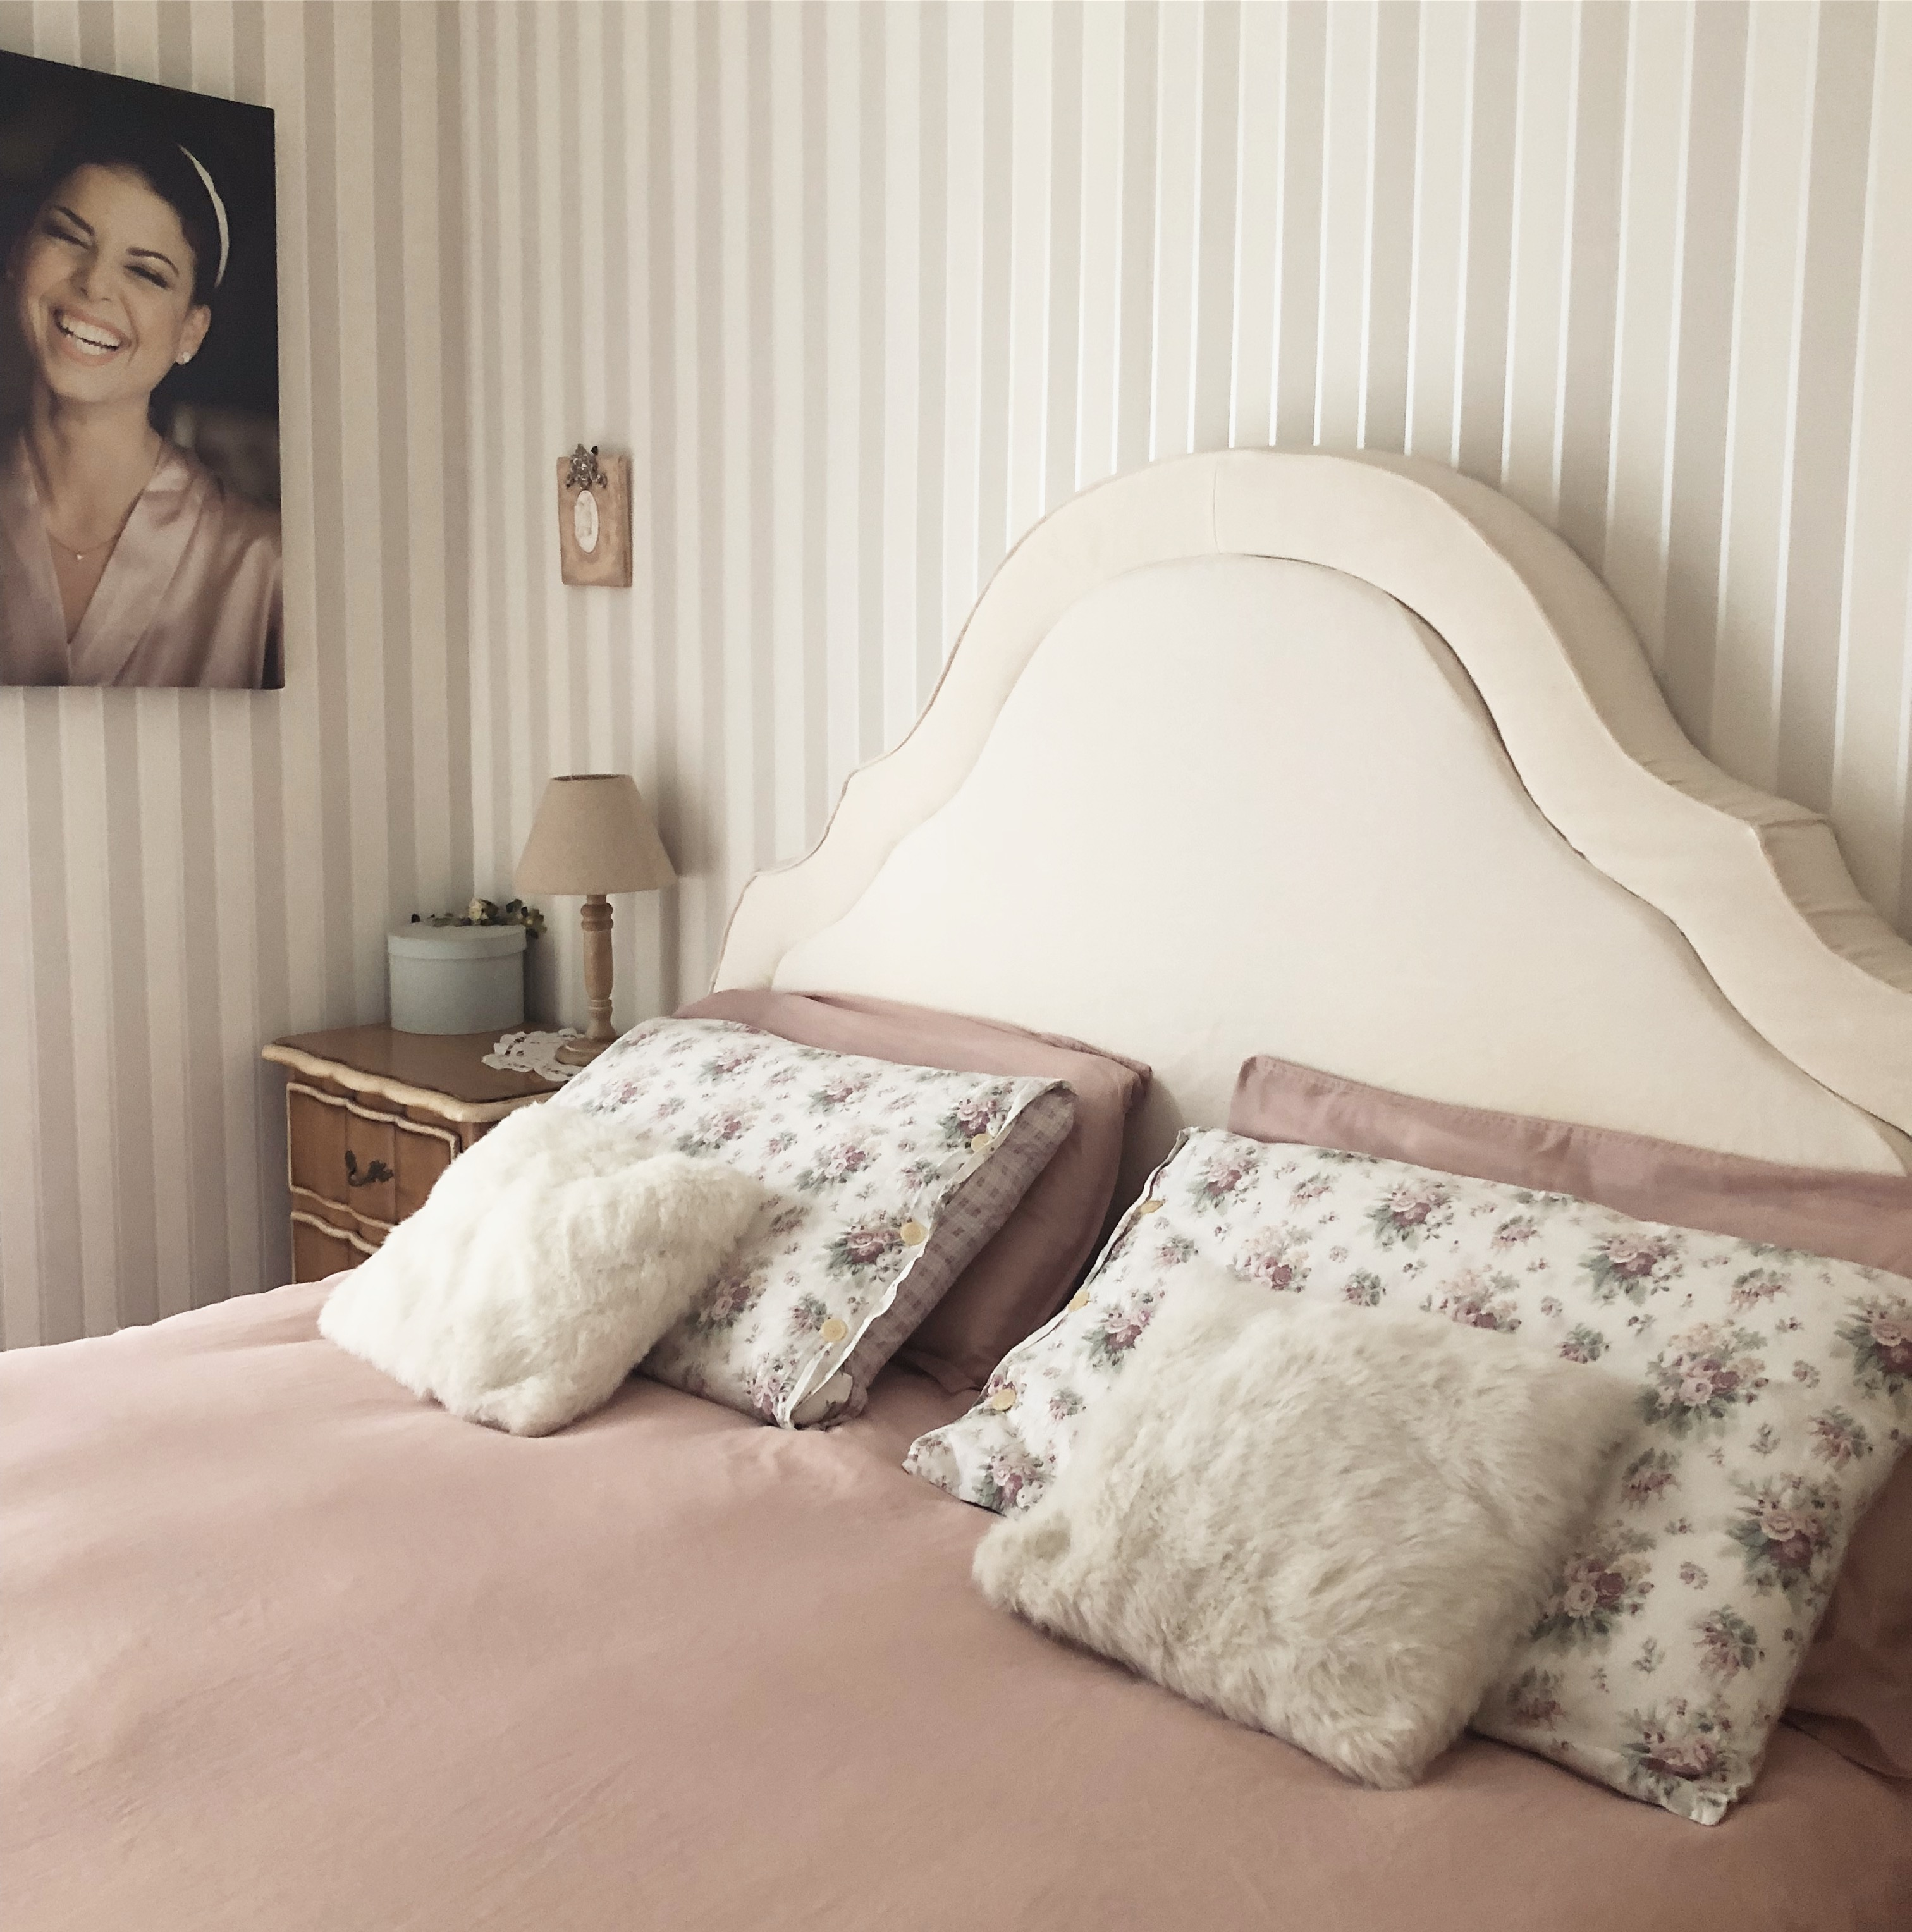 La mia camera da letto in stile provenzale marica ferrillo - La mia camera da letto ...